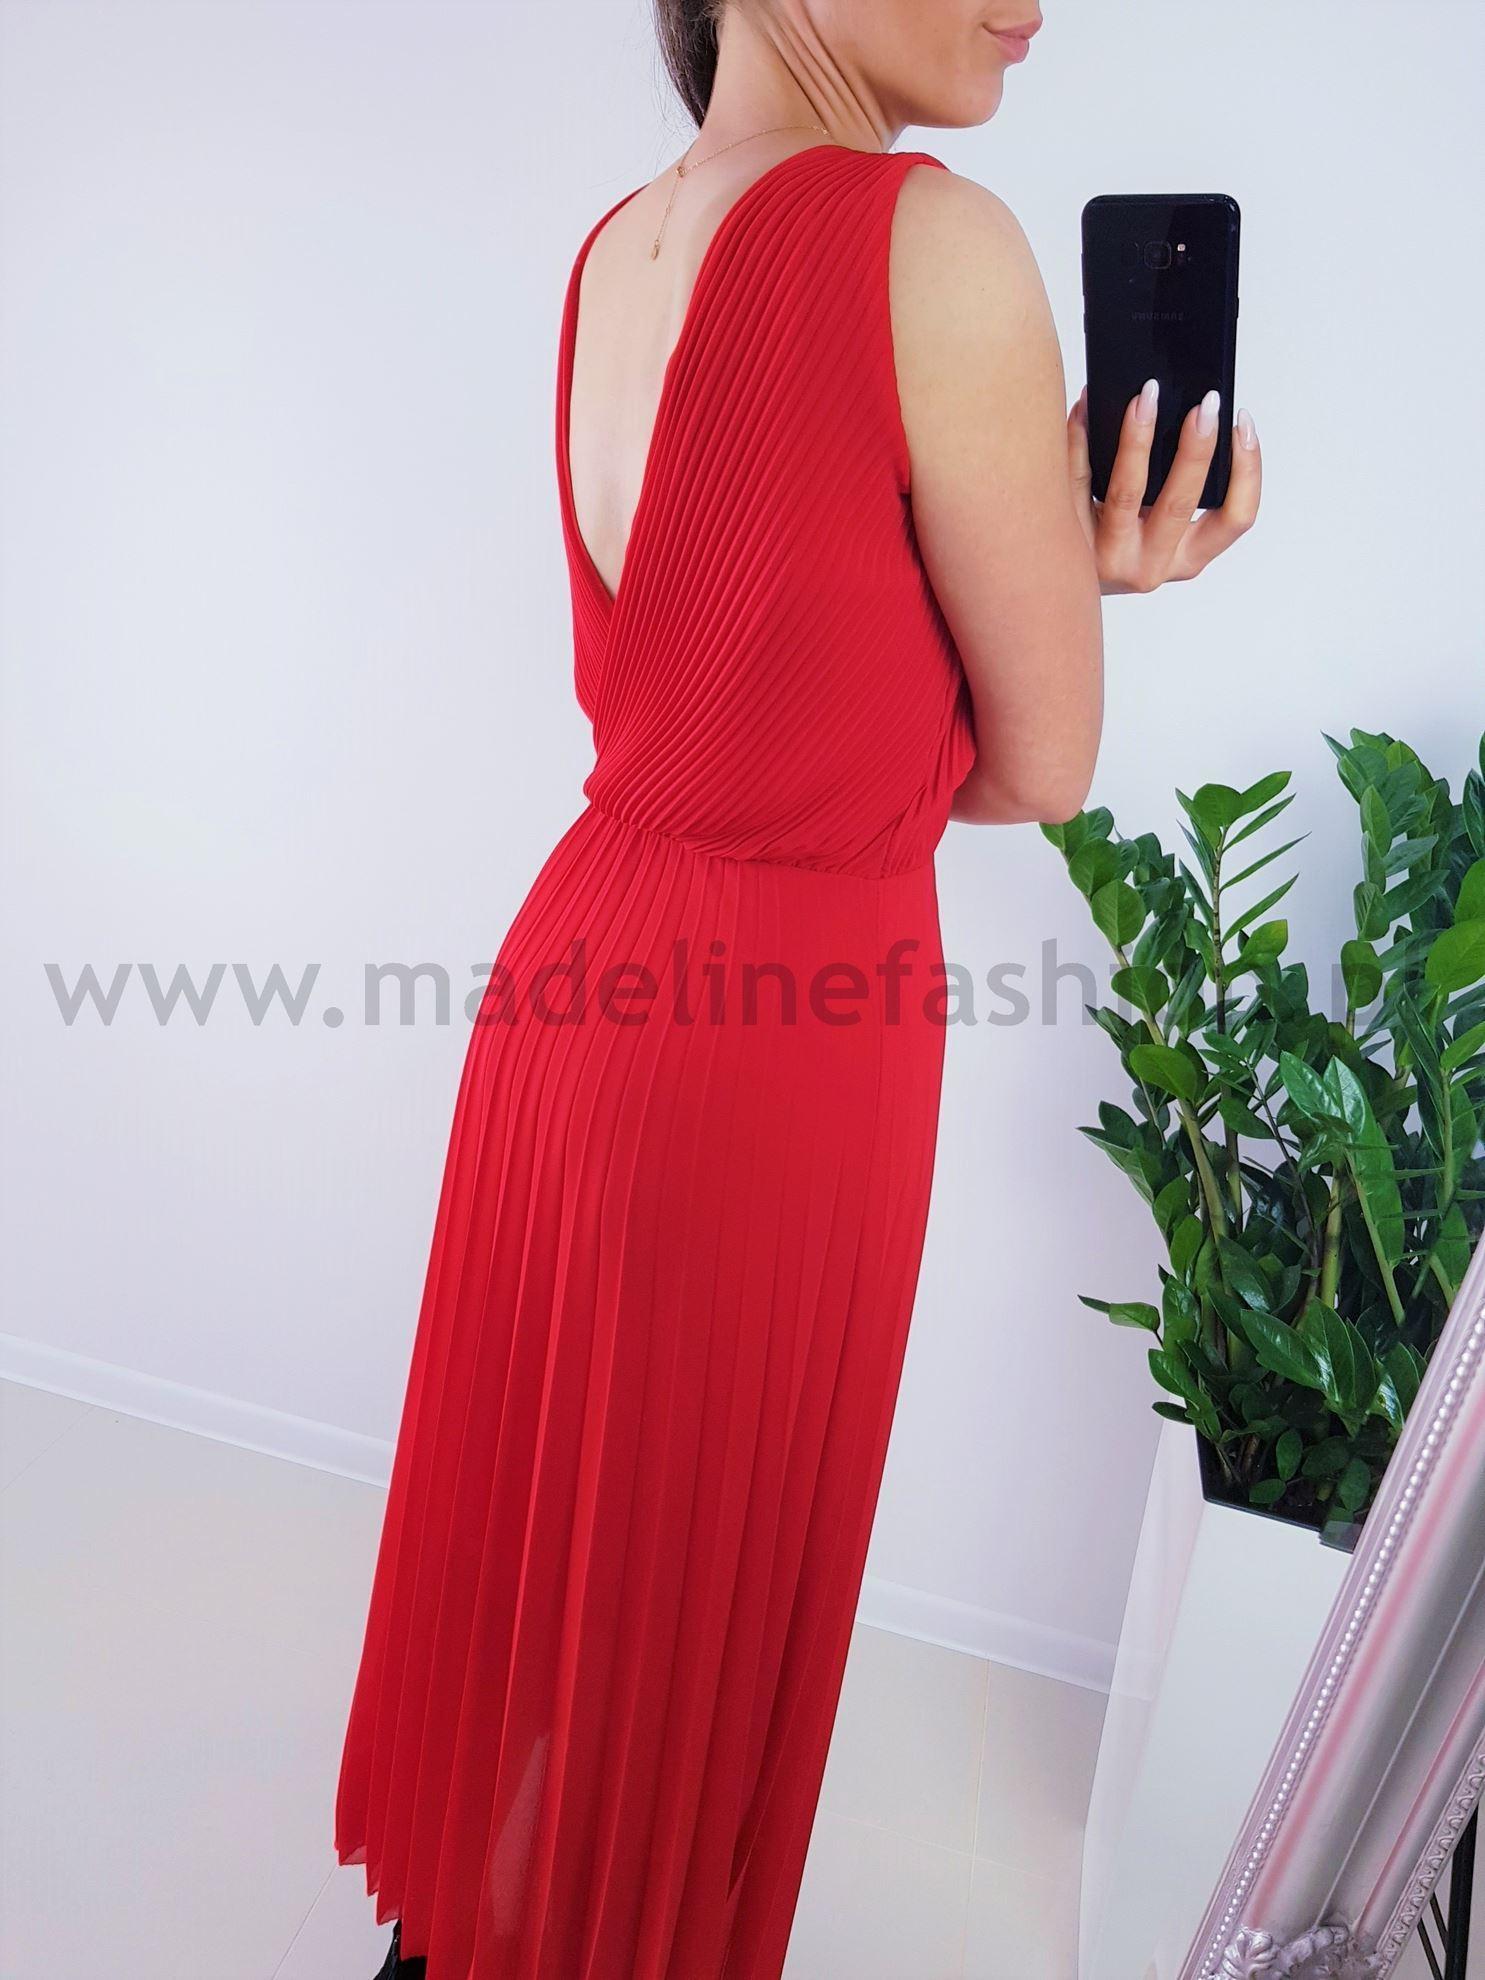 products 0003859 sukienka plisowana dalmatia maxi czerwona 1